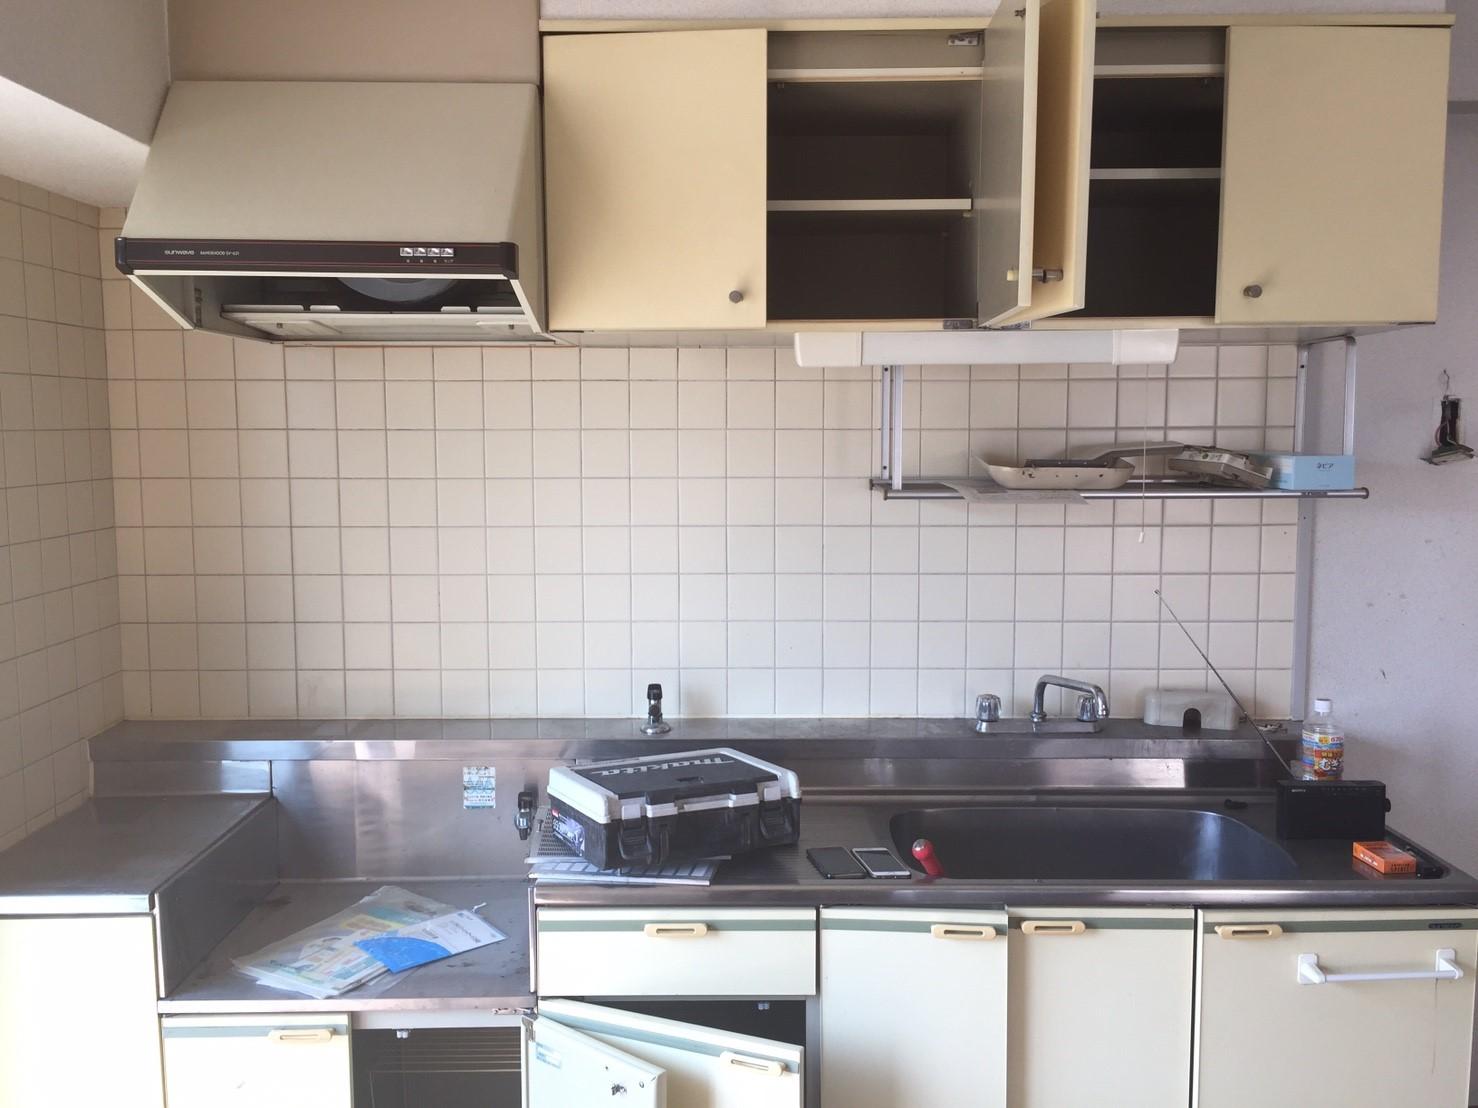 キッチン撤去前_その1 《 AsiaHome(エイジアホーム)移転に伴うリノベーション工事 》